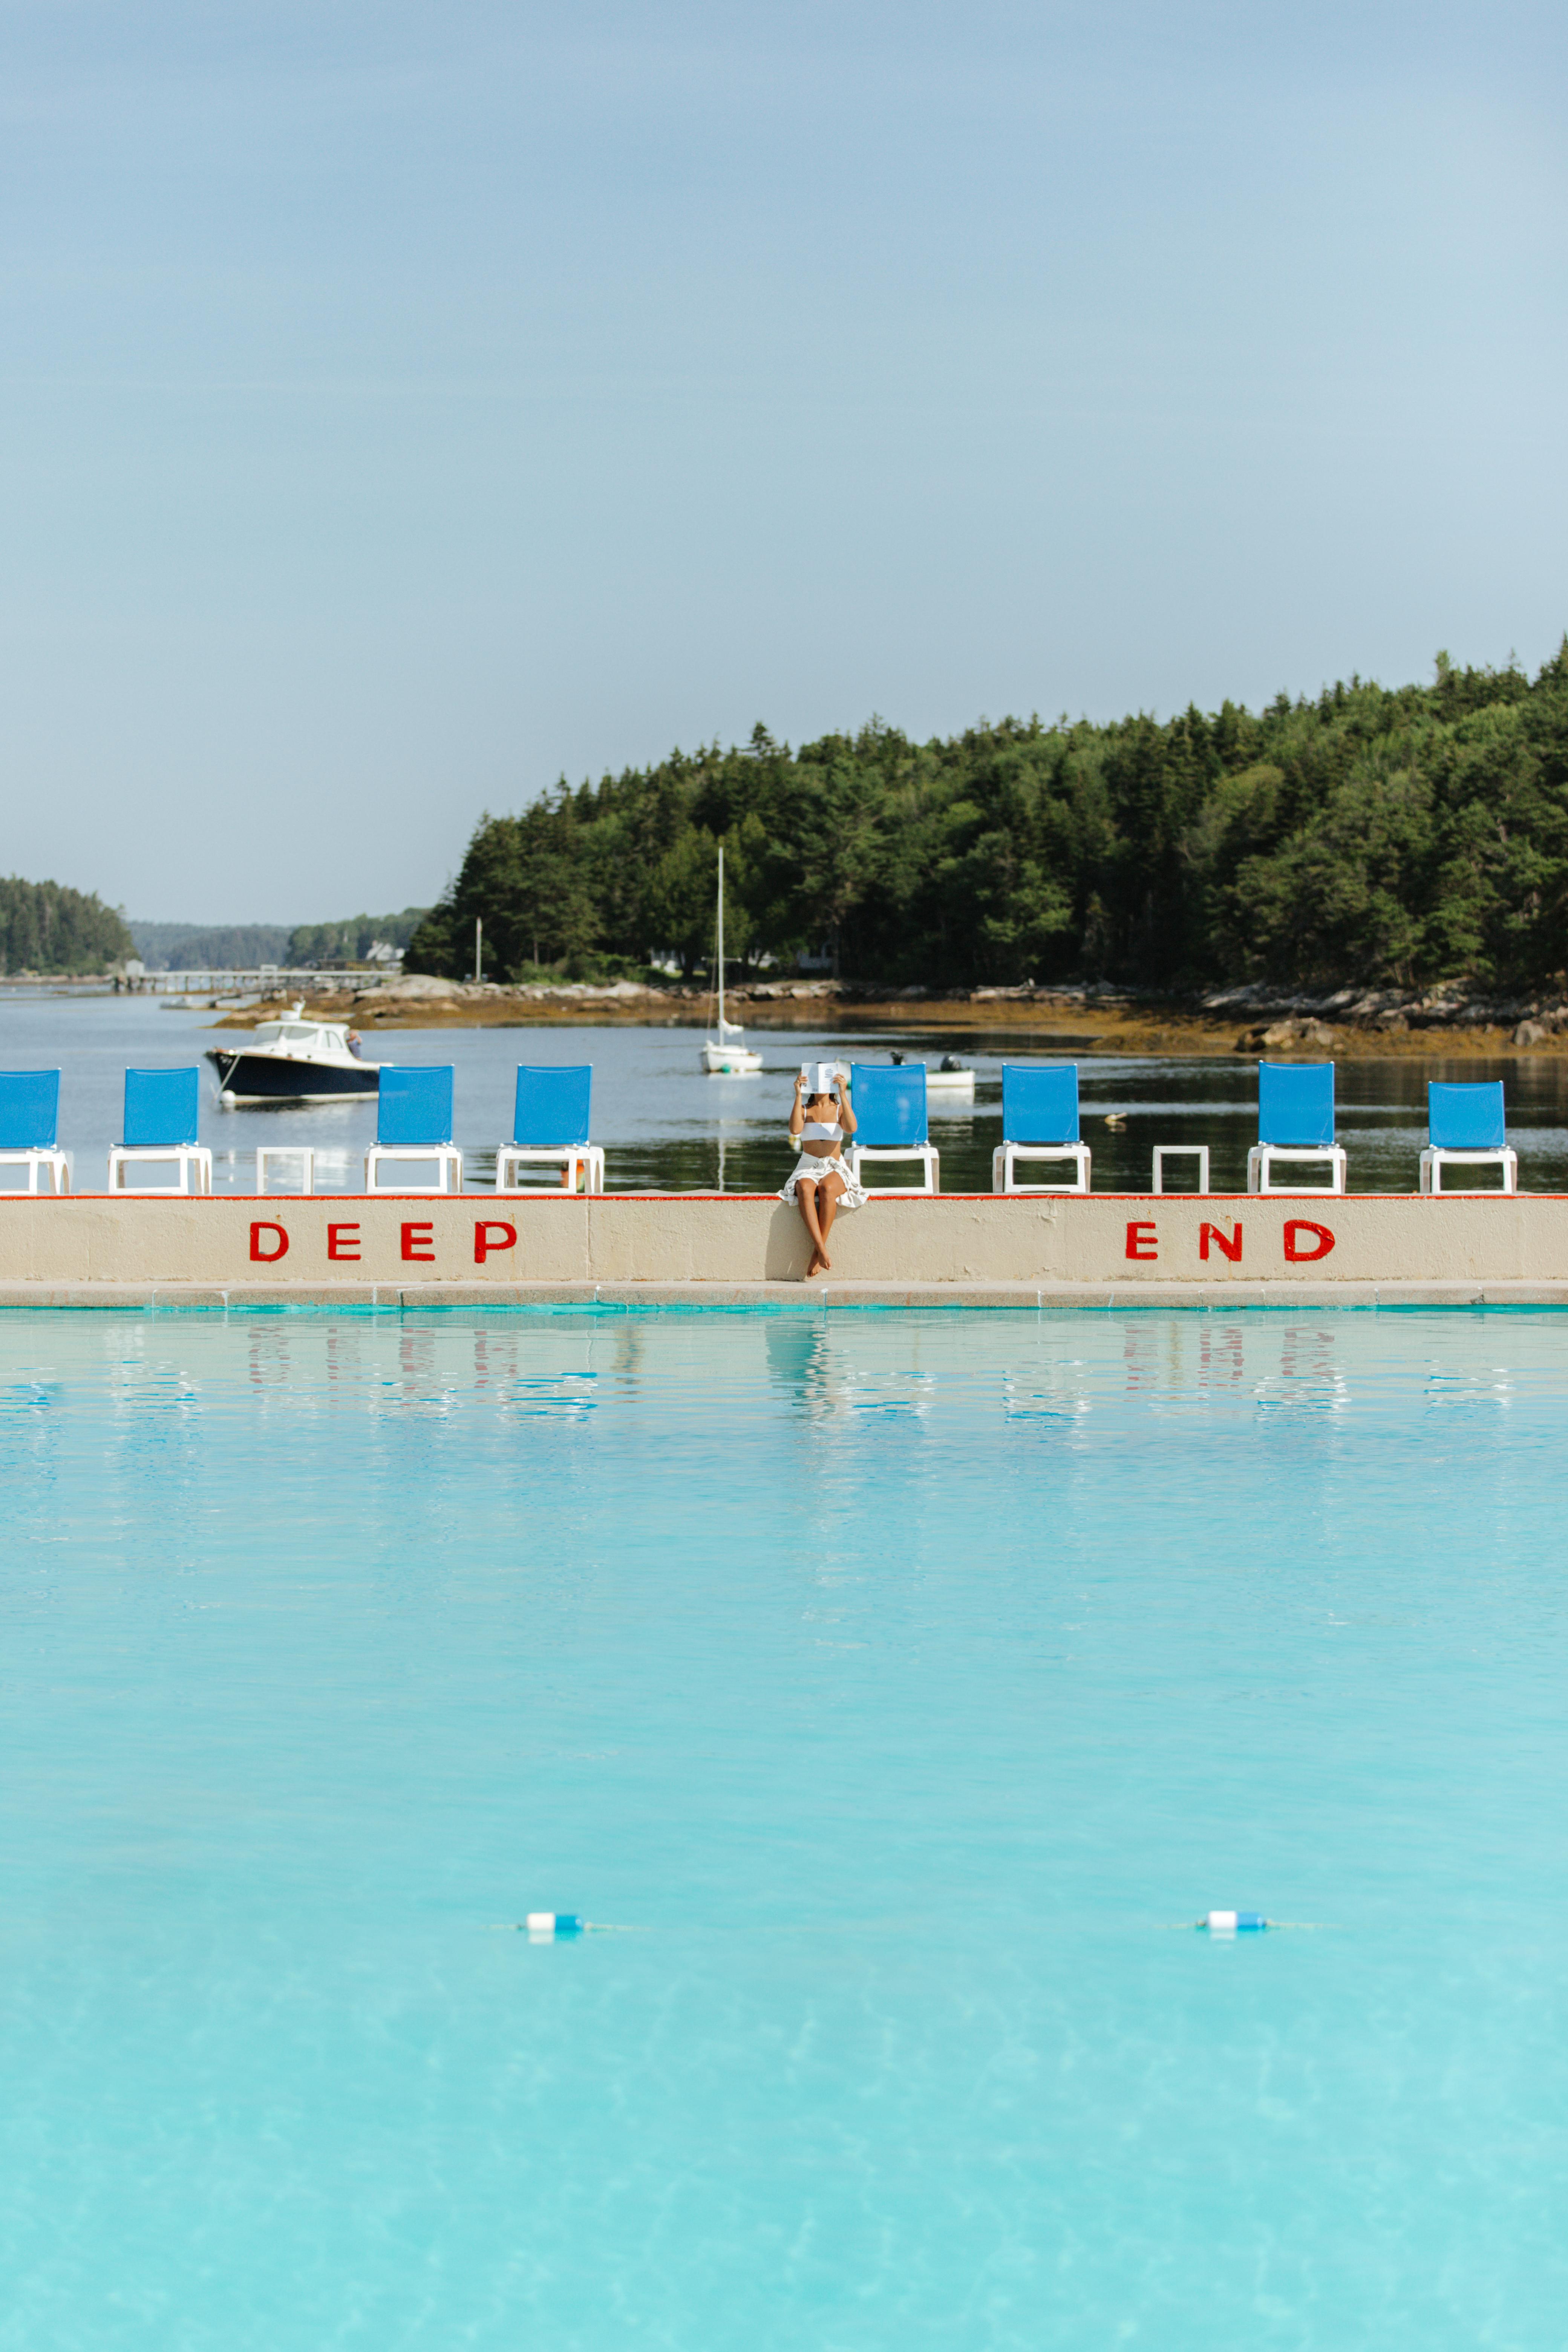 Sebasco harbor resort pool.